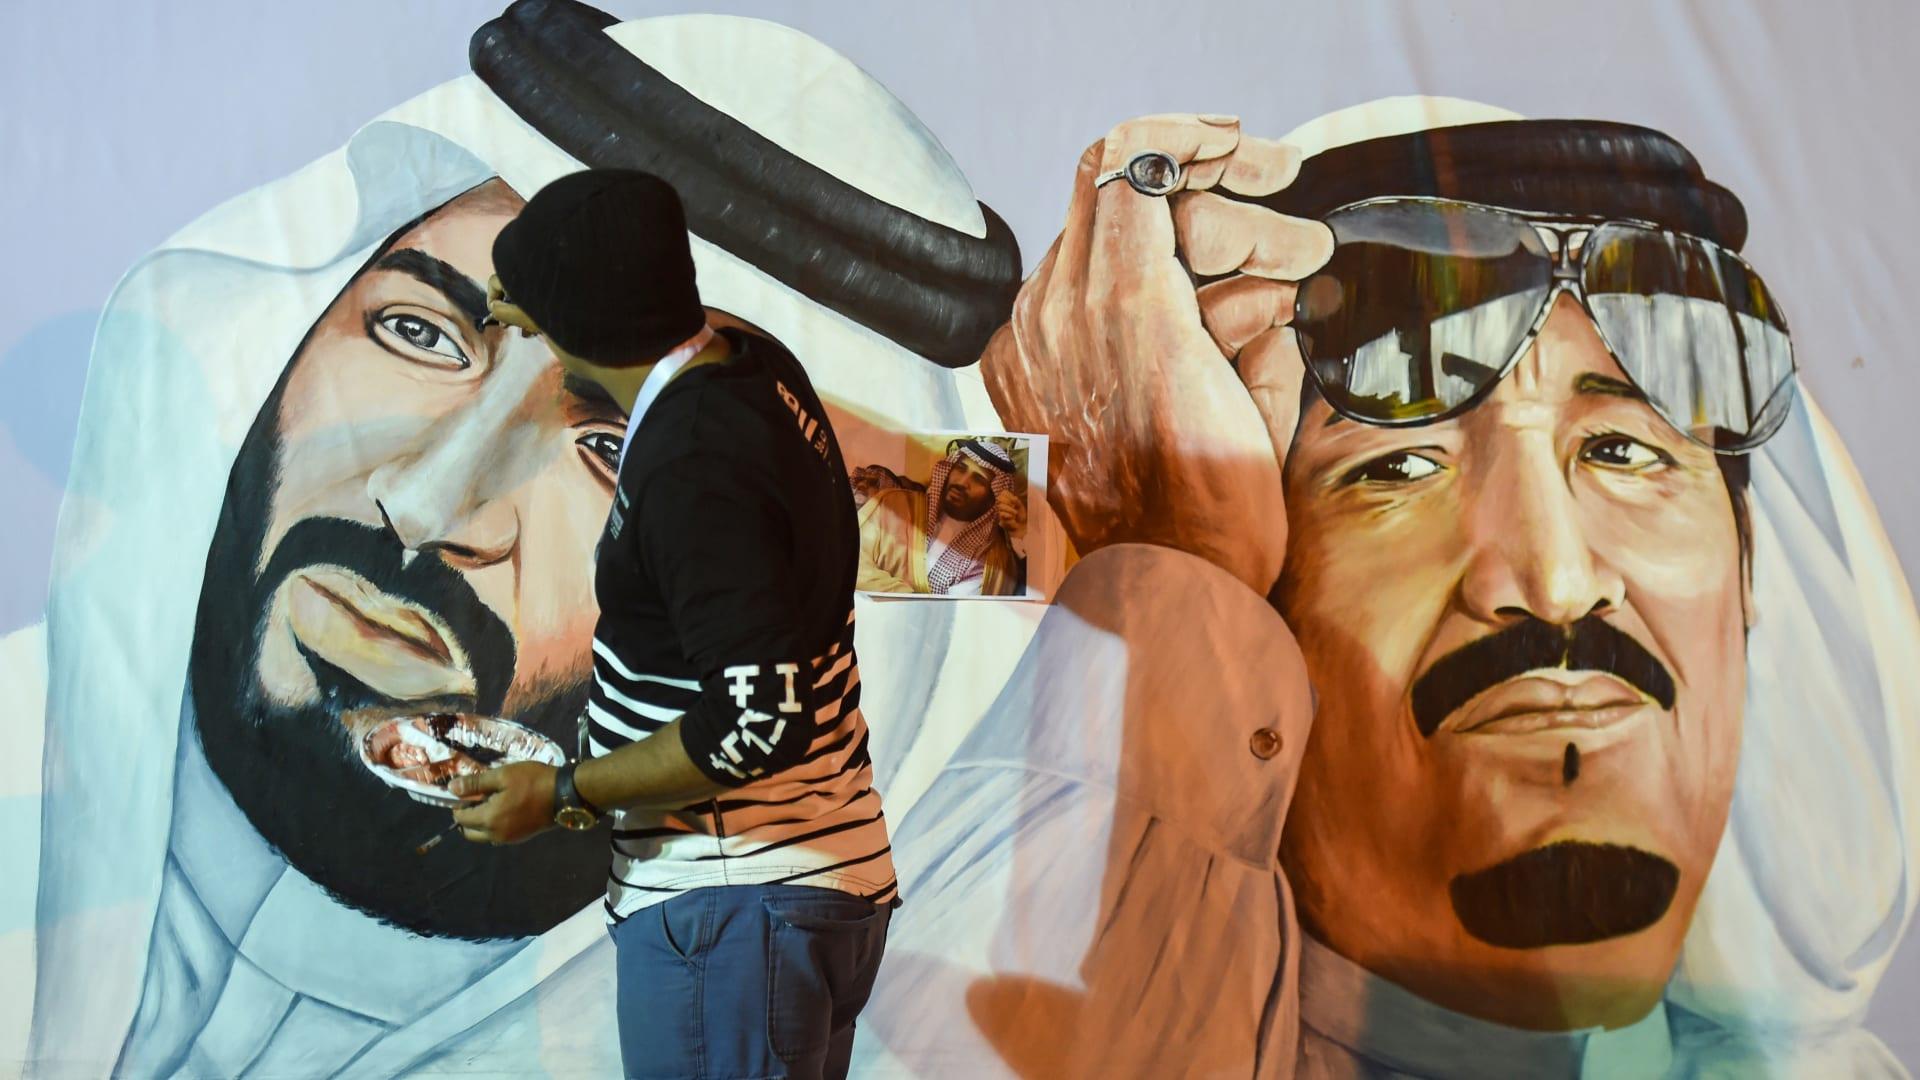 مذكرا بتشرتشل وزمزم.. جونسون: نجاح العالم الإسلامي يعتمد على بن سلمان